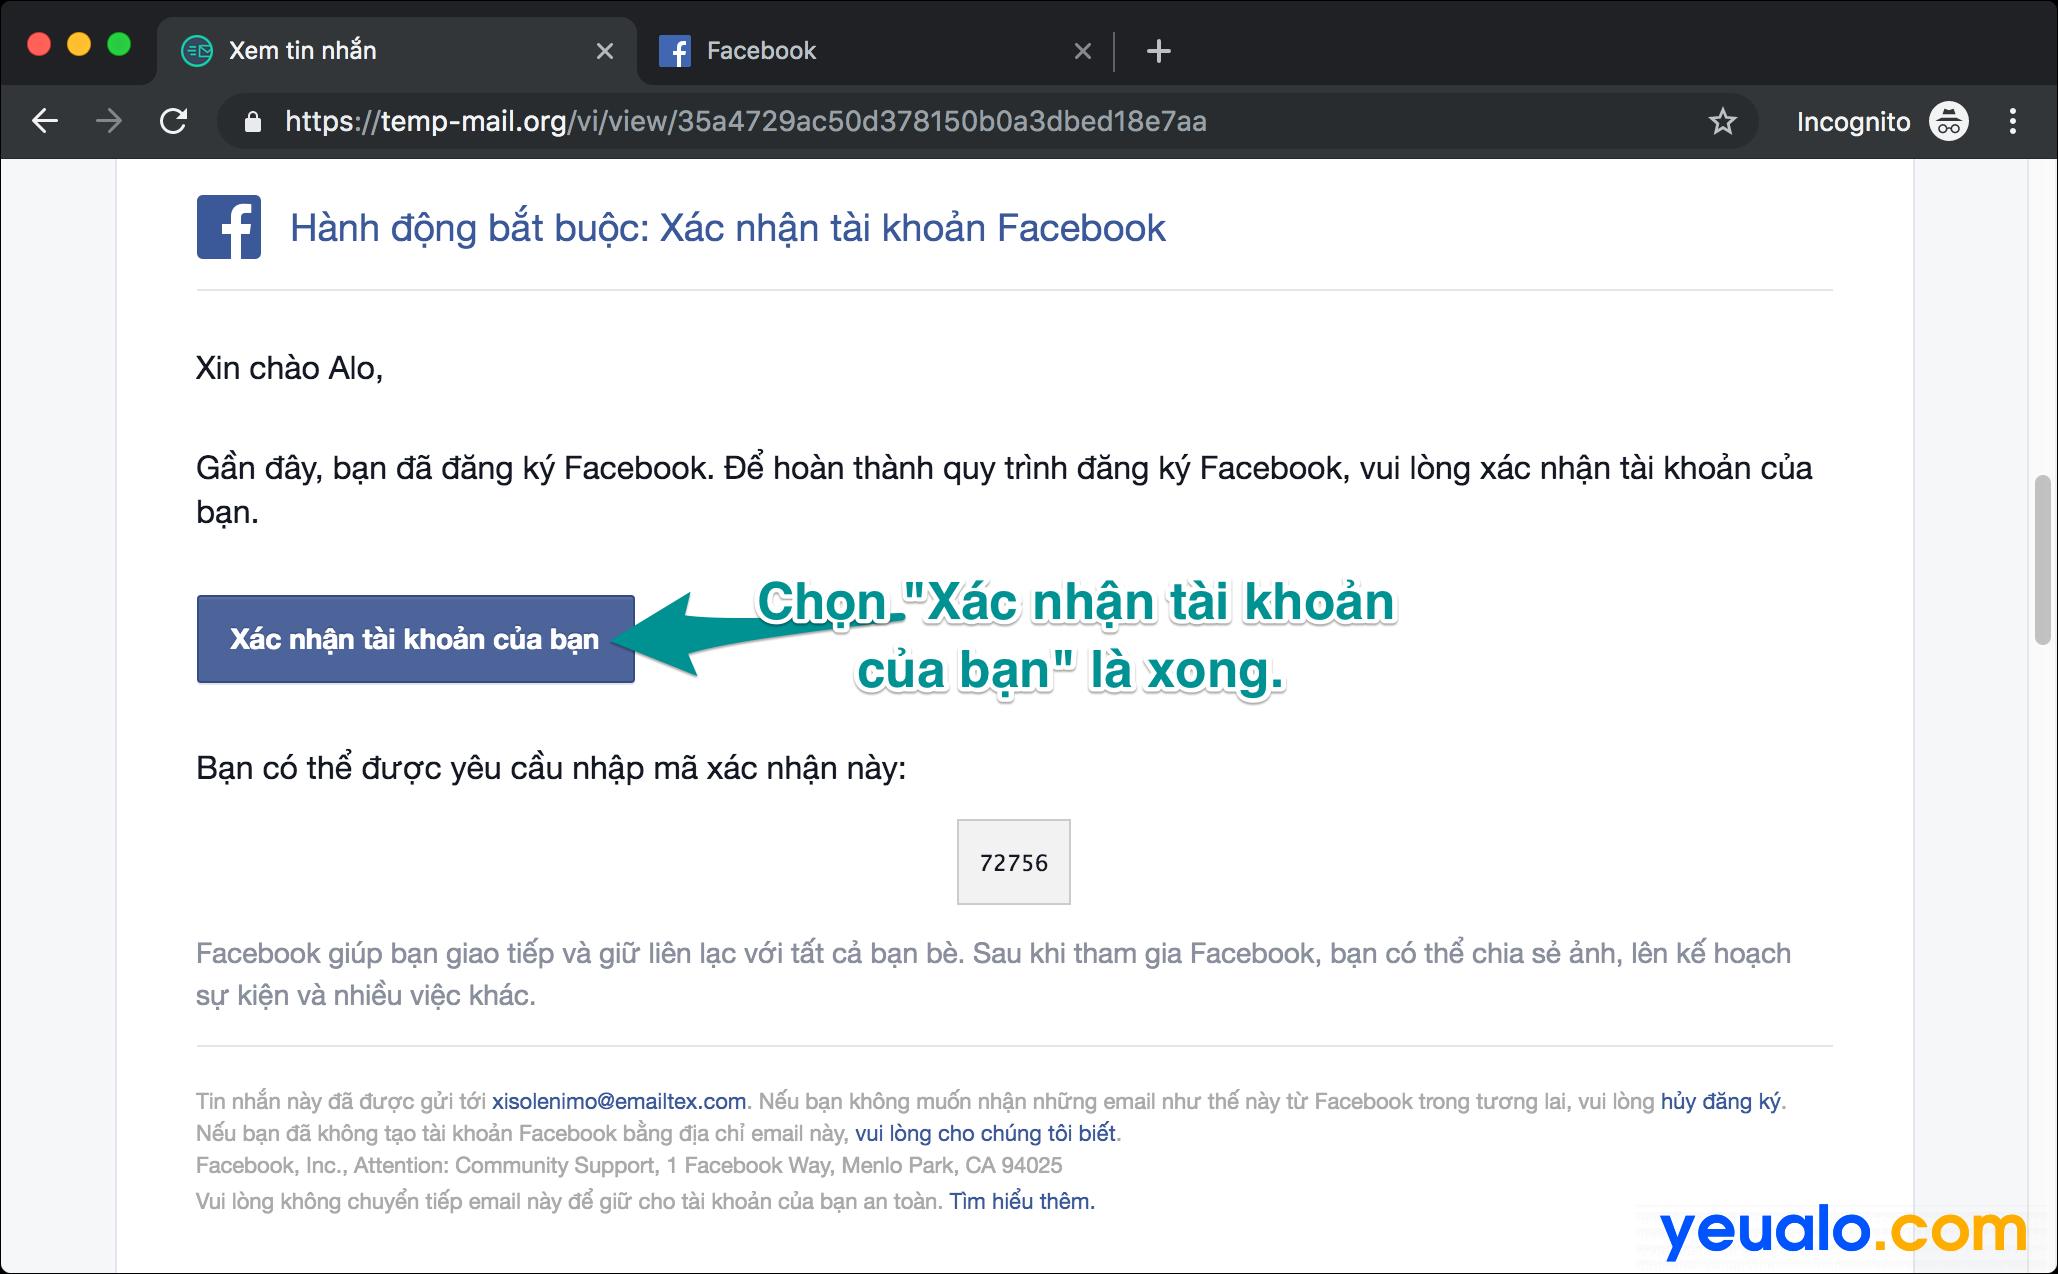 Cách đăng ký Facebook không cần số điện thoại và email 4